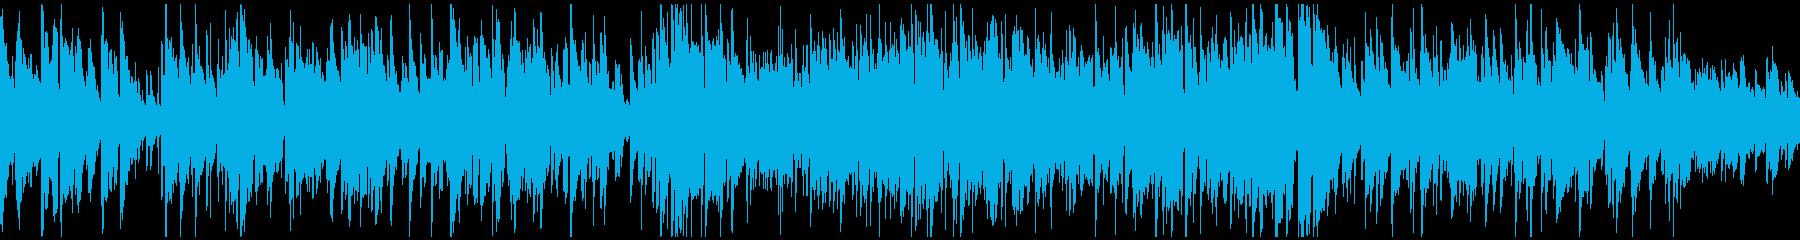 メロディアスおしゃれボサノバ ※ループ版の再生済みの波形